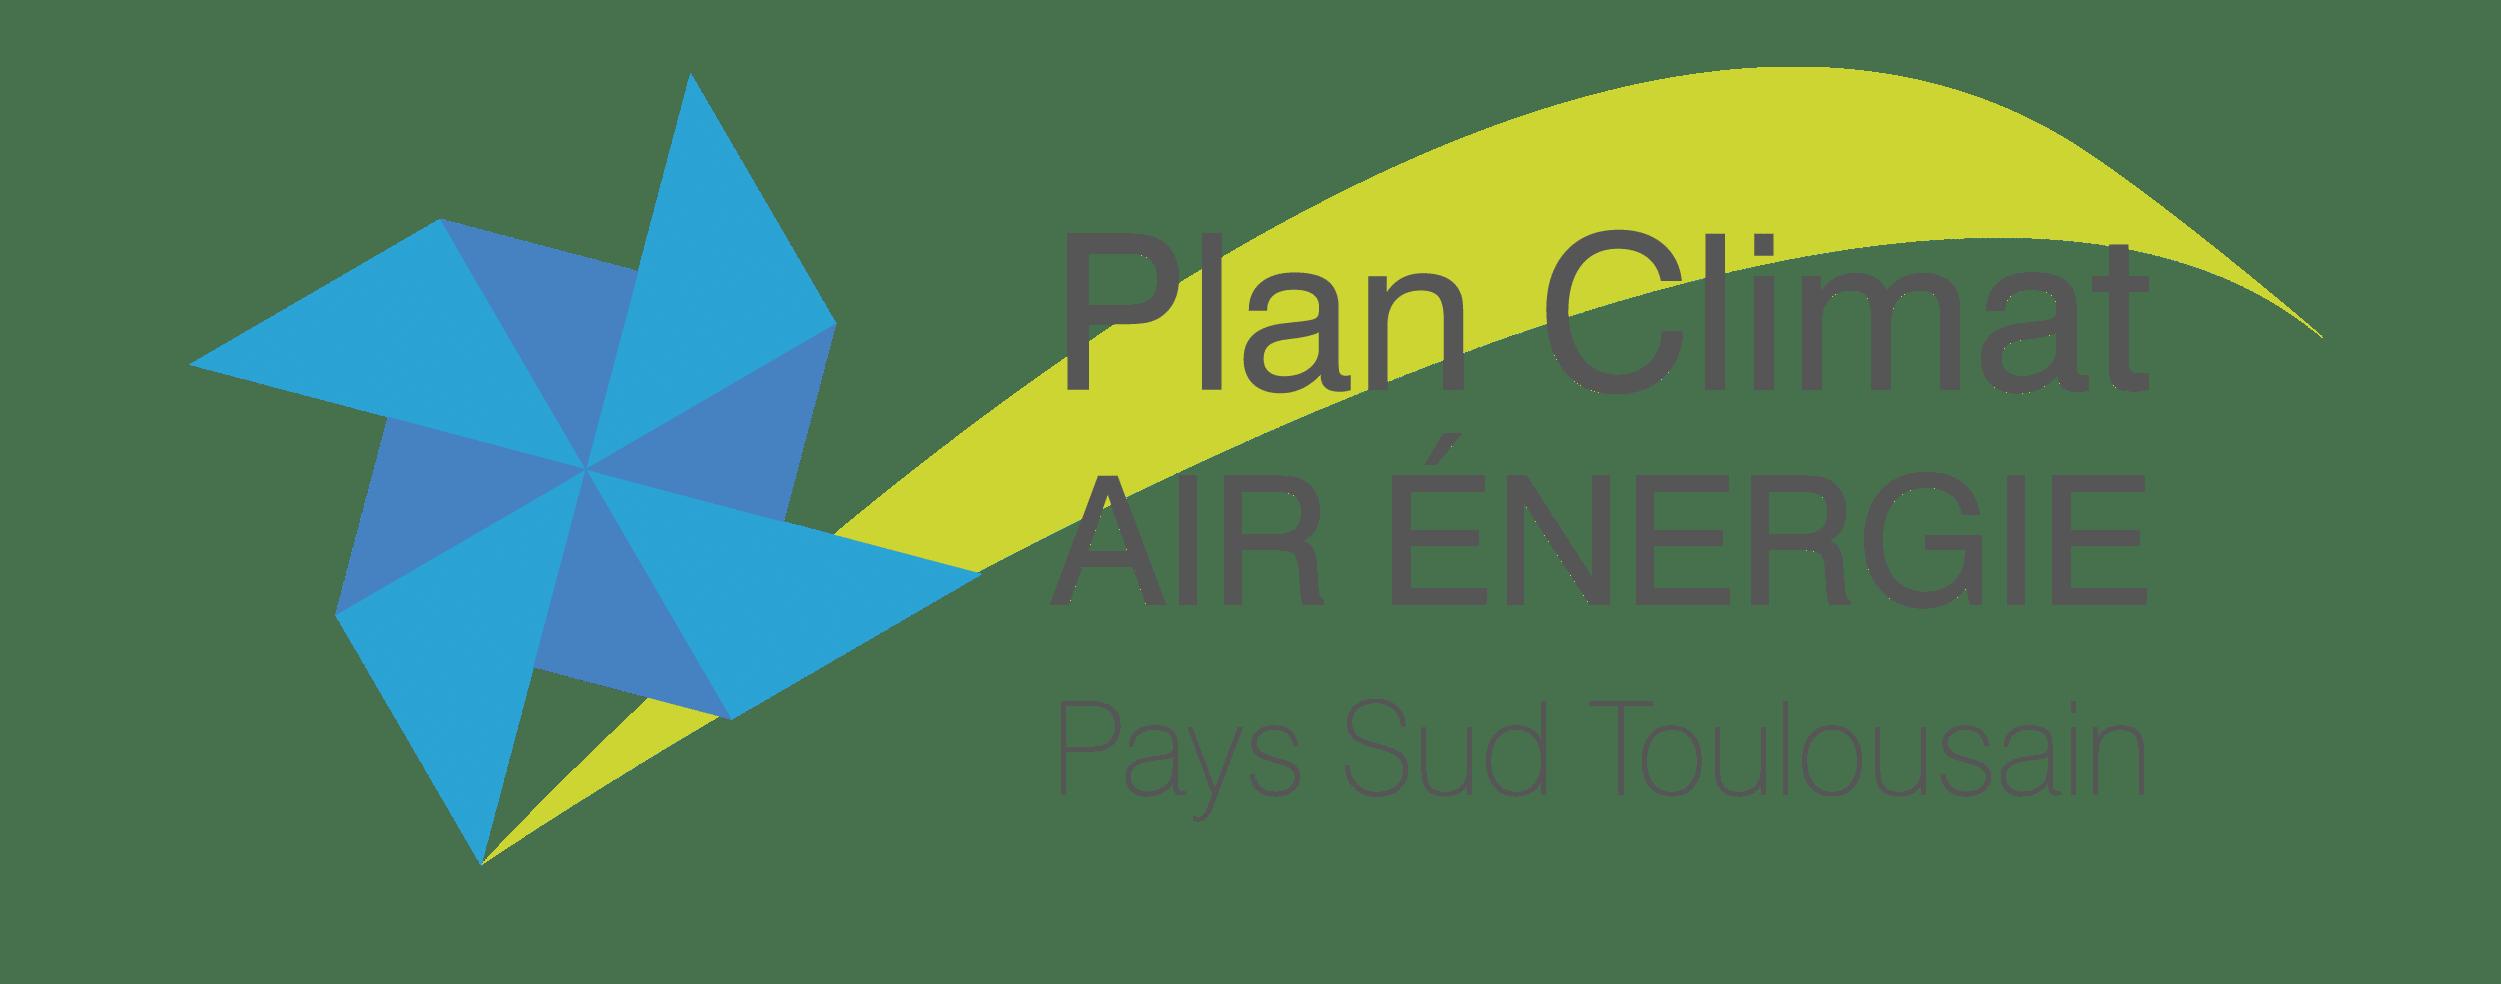 Plan climat Cœur de Garonne